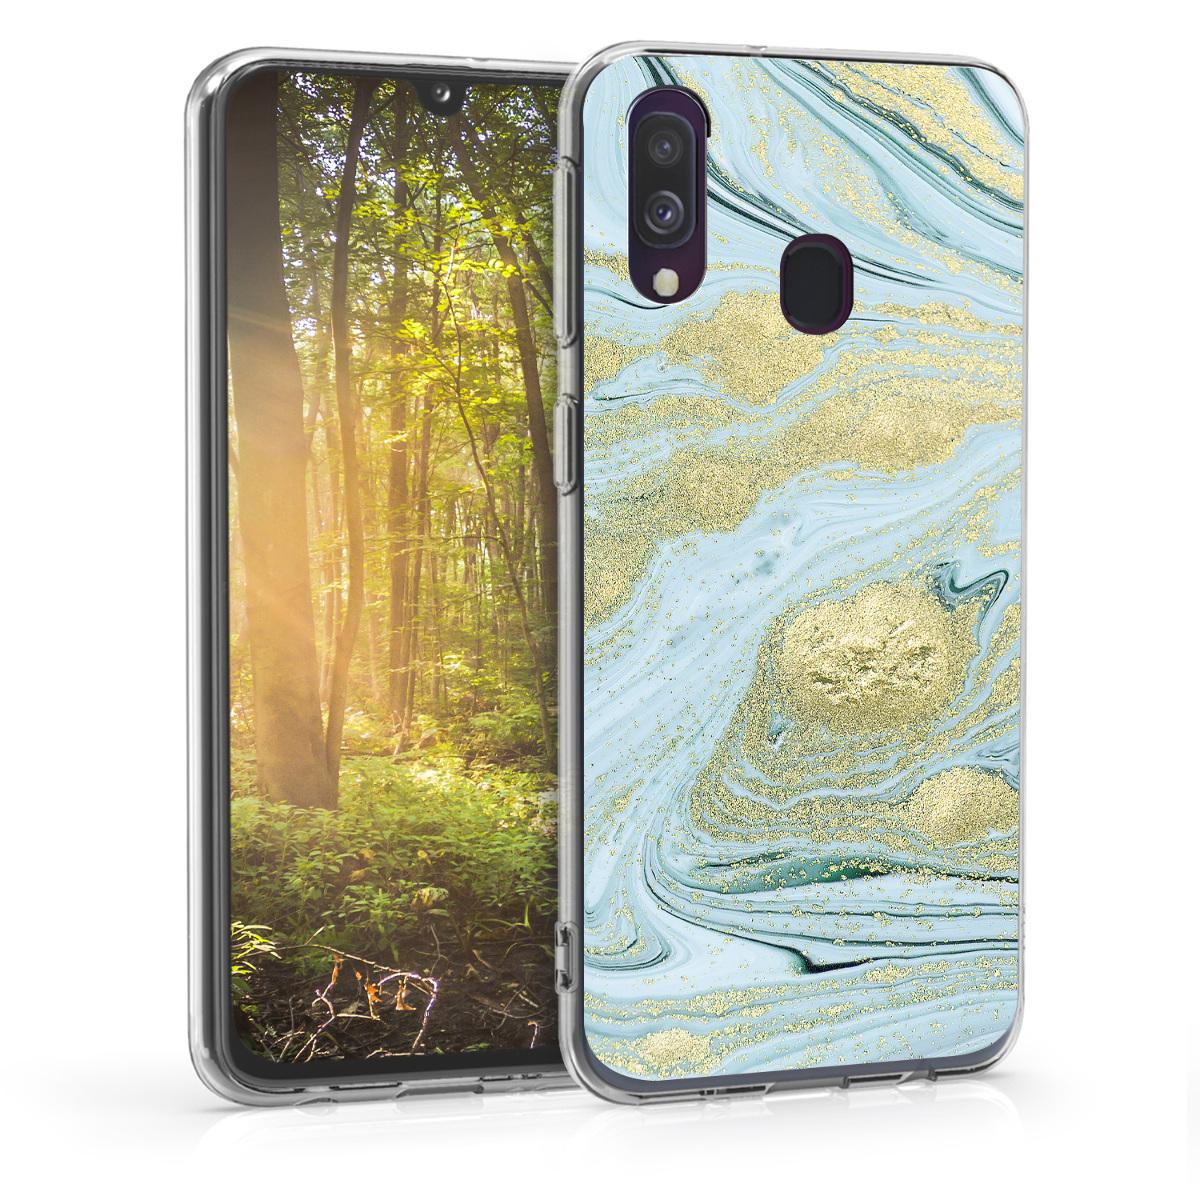 Kvalitní silikonové TPU pouzdro pro Samsung A40 - metalické Marble Gold / bílé / černé